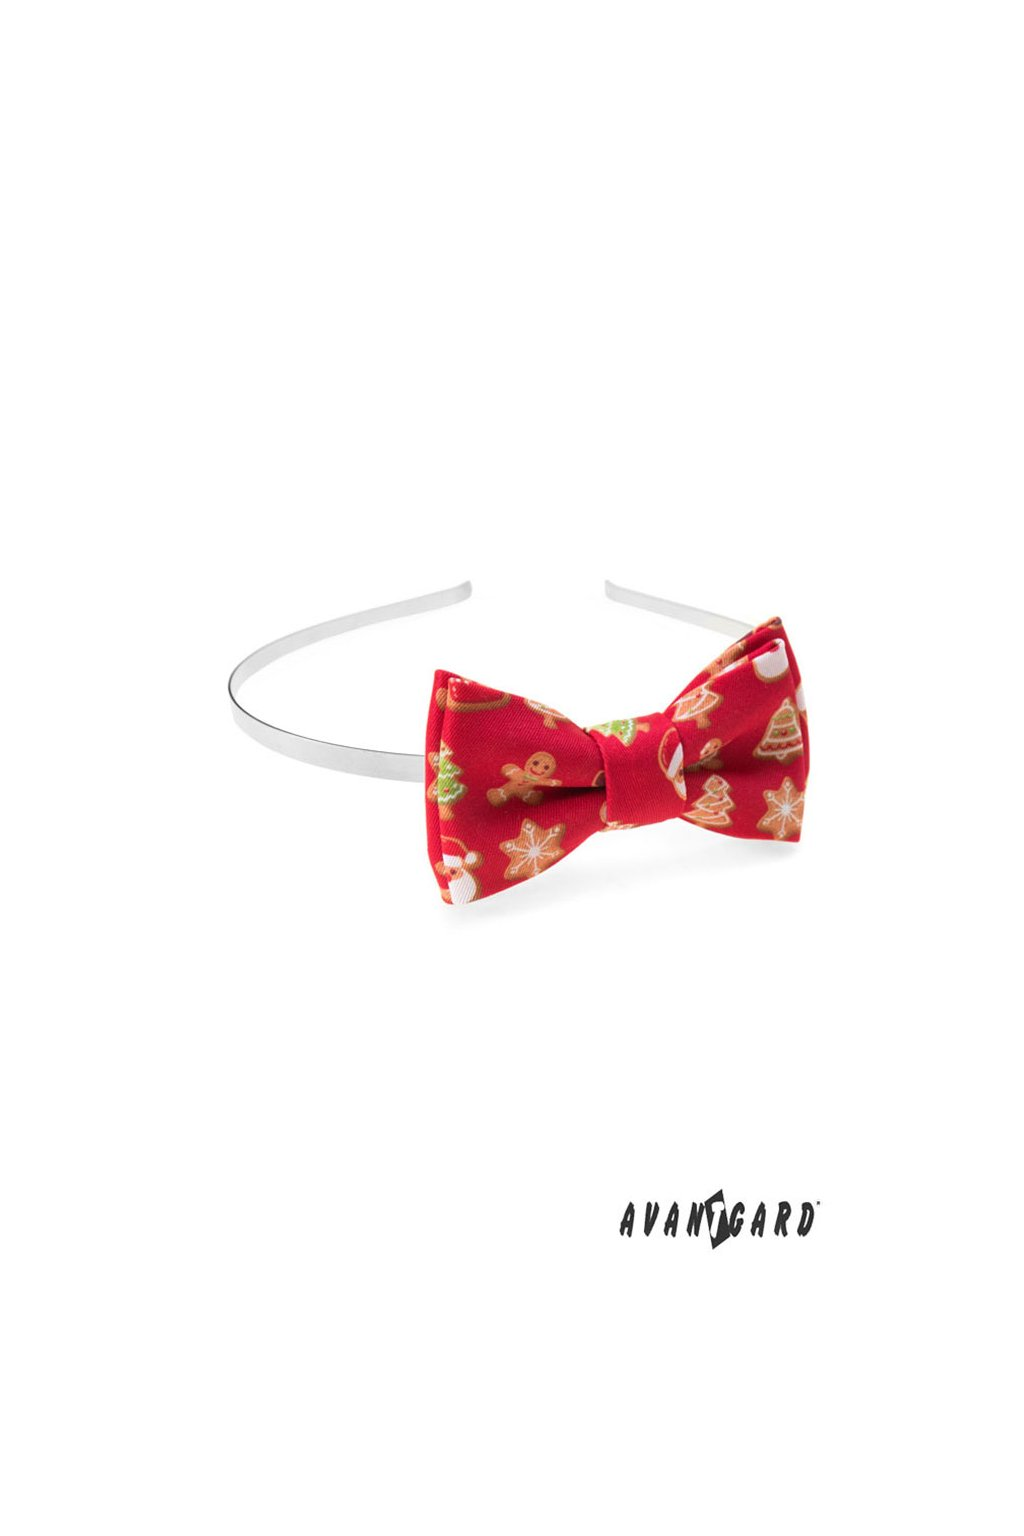 Čelenka s motýlkem červená/perníček 756 - 1984